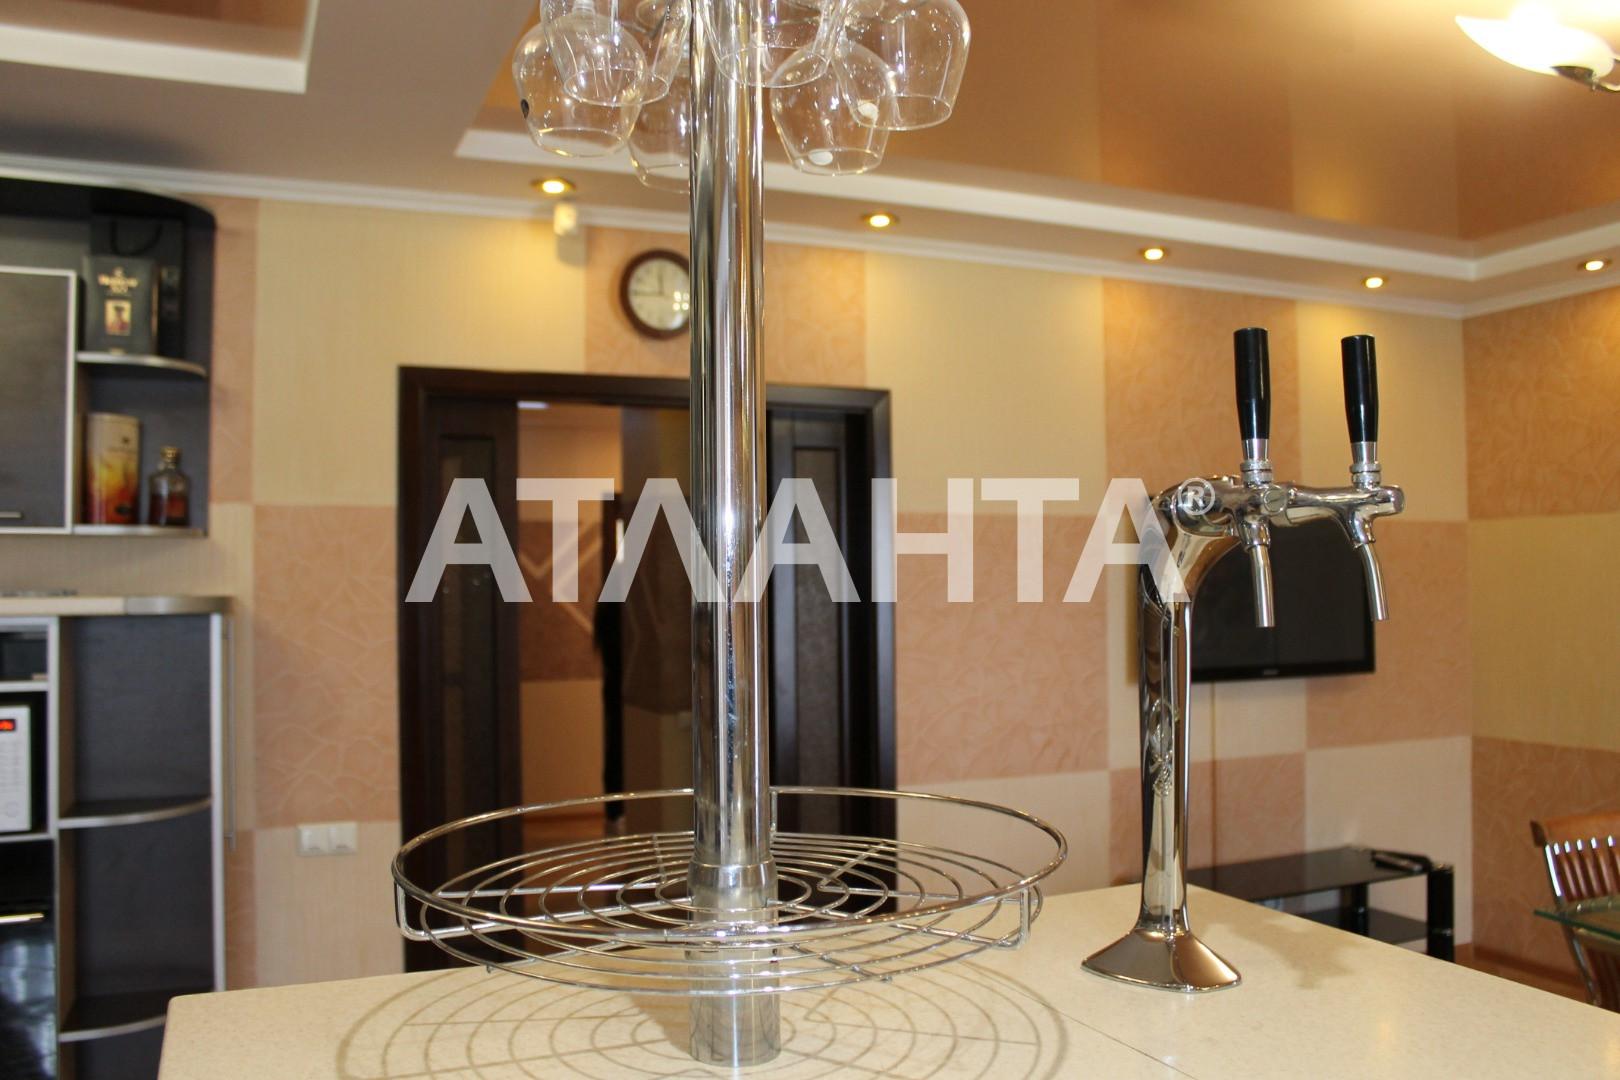 Продается 3-комнатная Квартира на ул. Мечникова — 145 000 у.е. (фото №4)